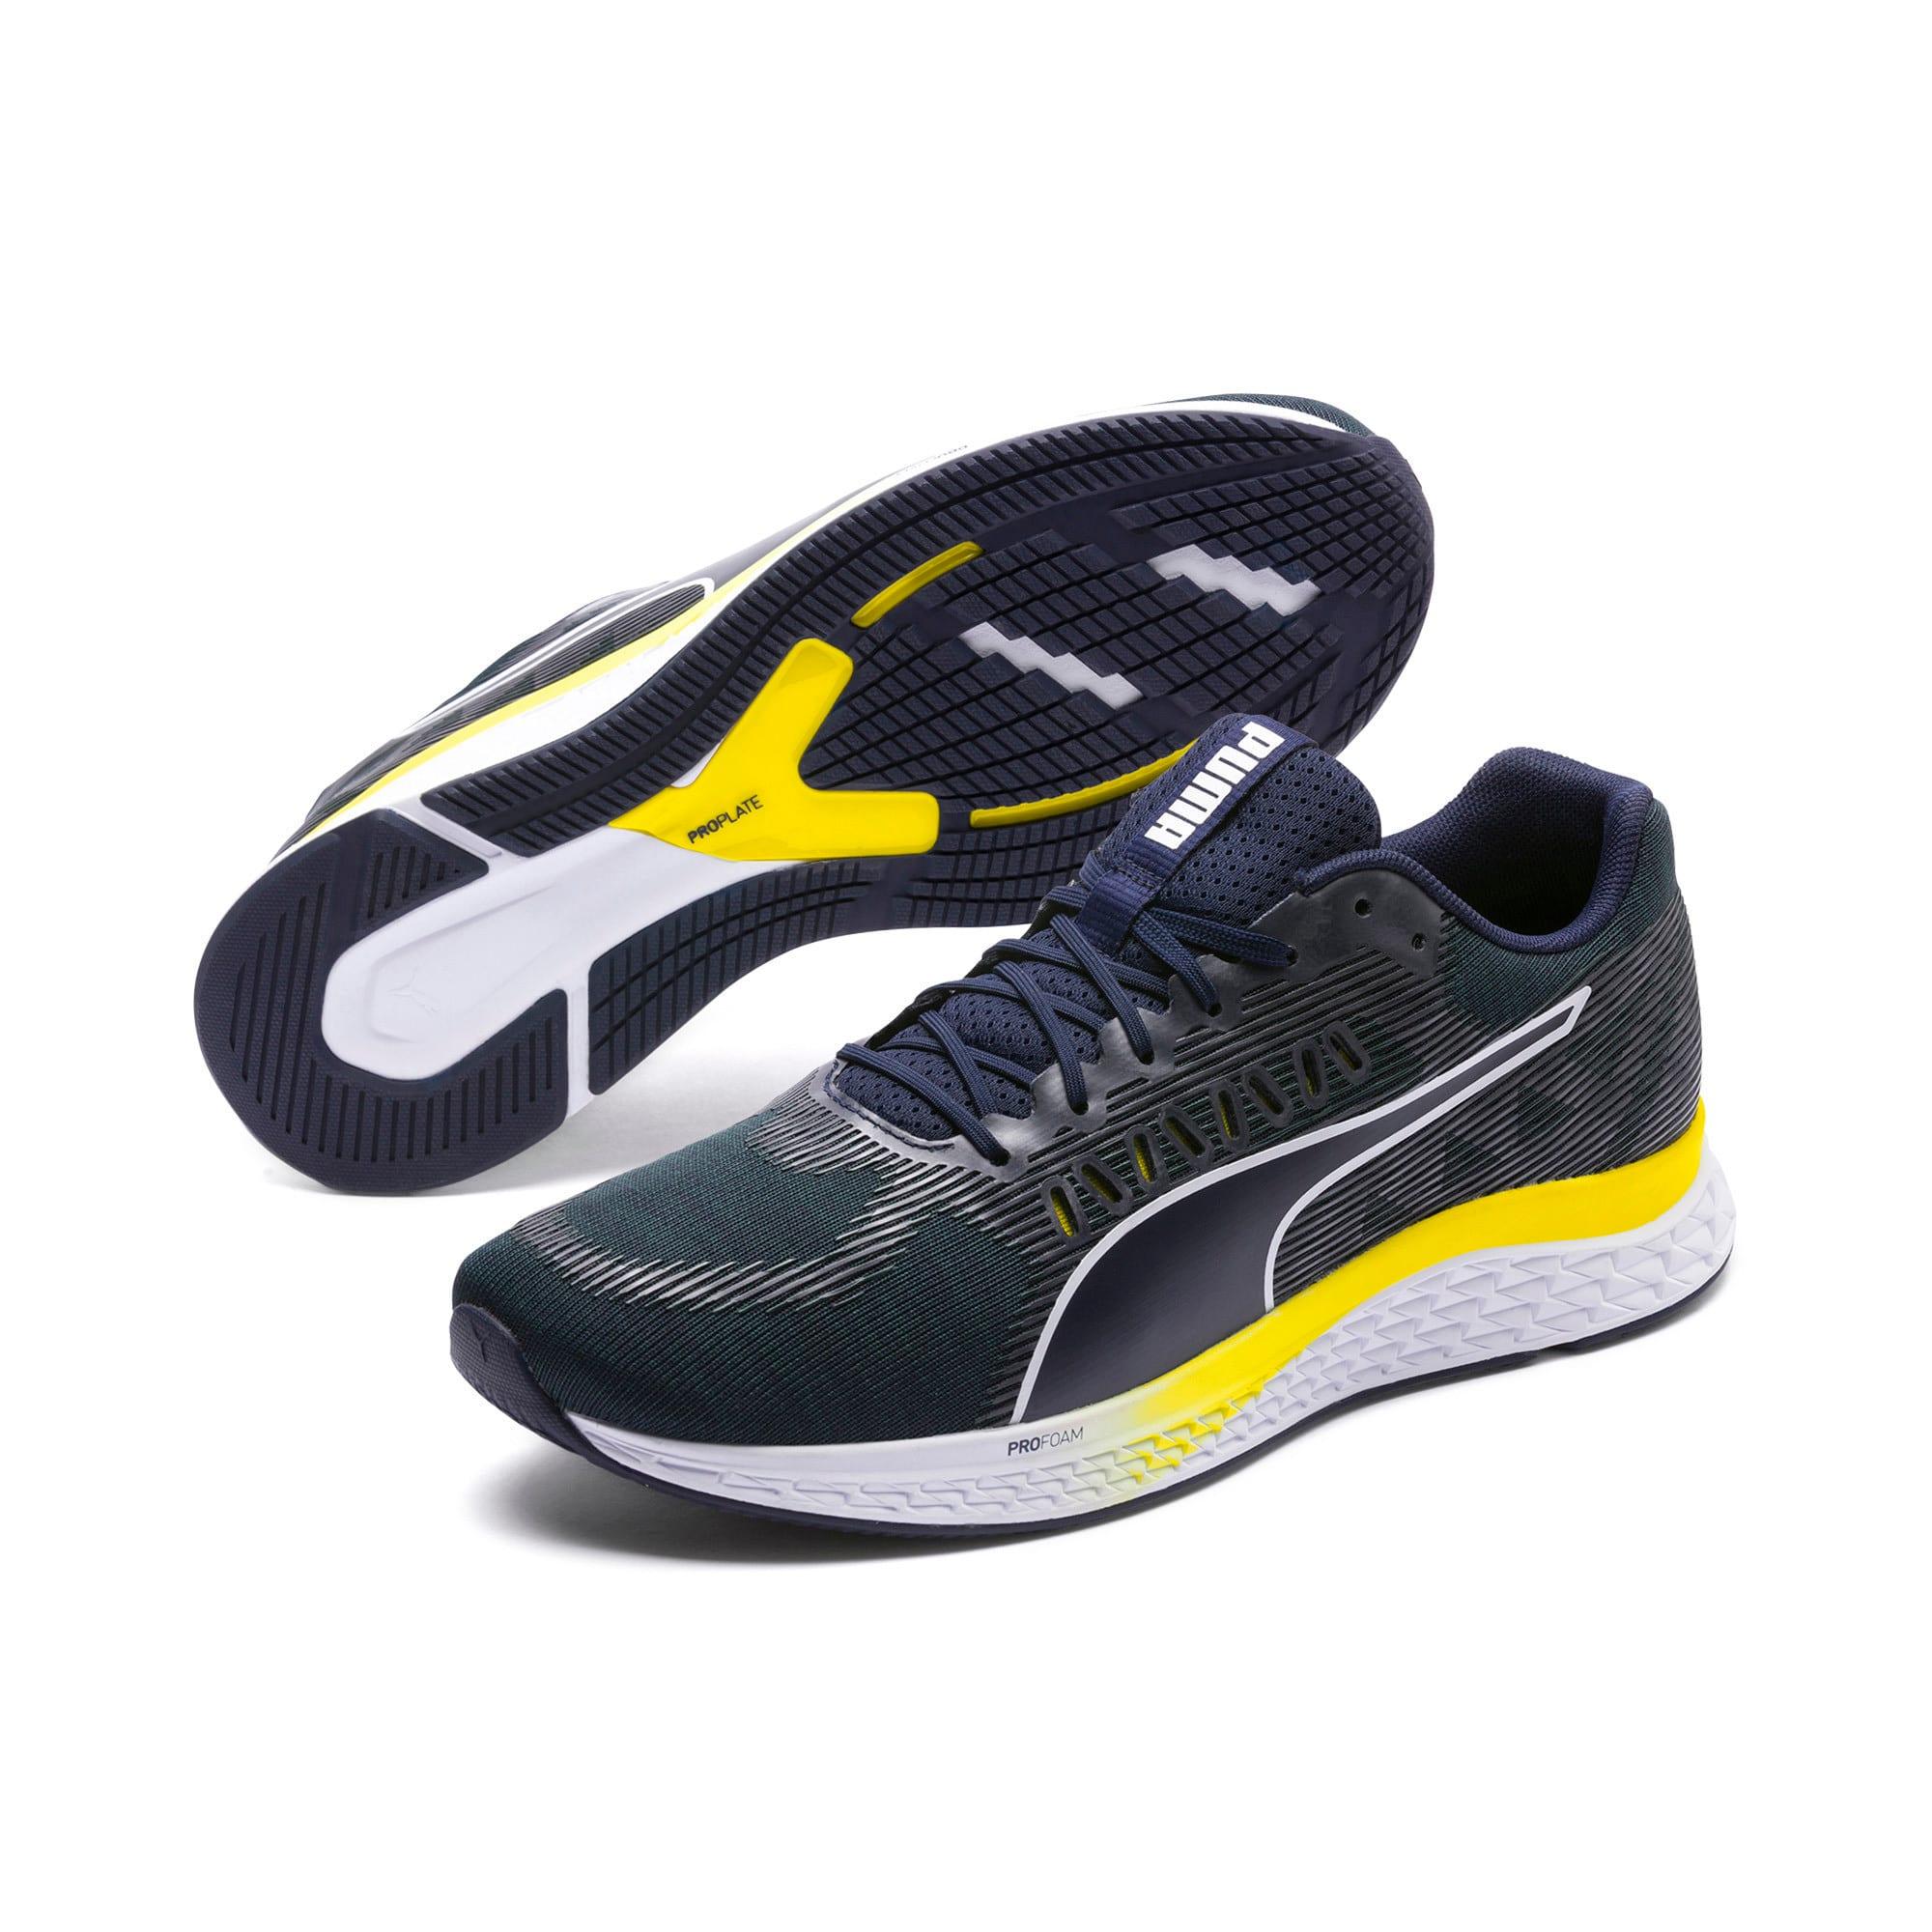 Thumbnail 2 of SPEED SUTAMINA Running Shoes, Peacoat-Blazing Yellow-White, medium